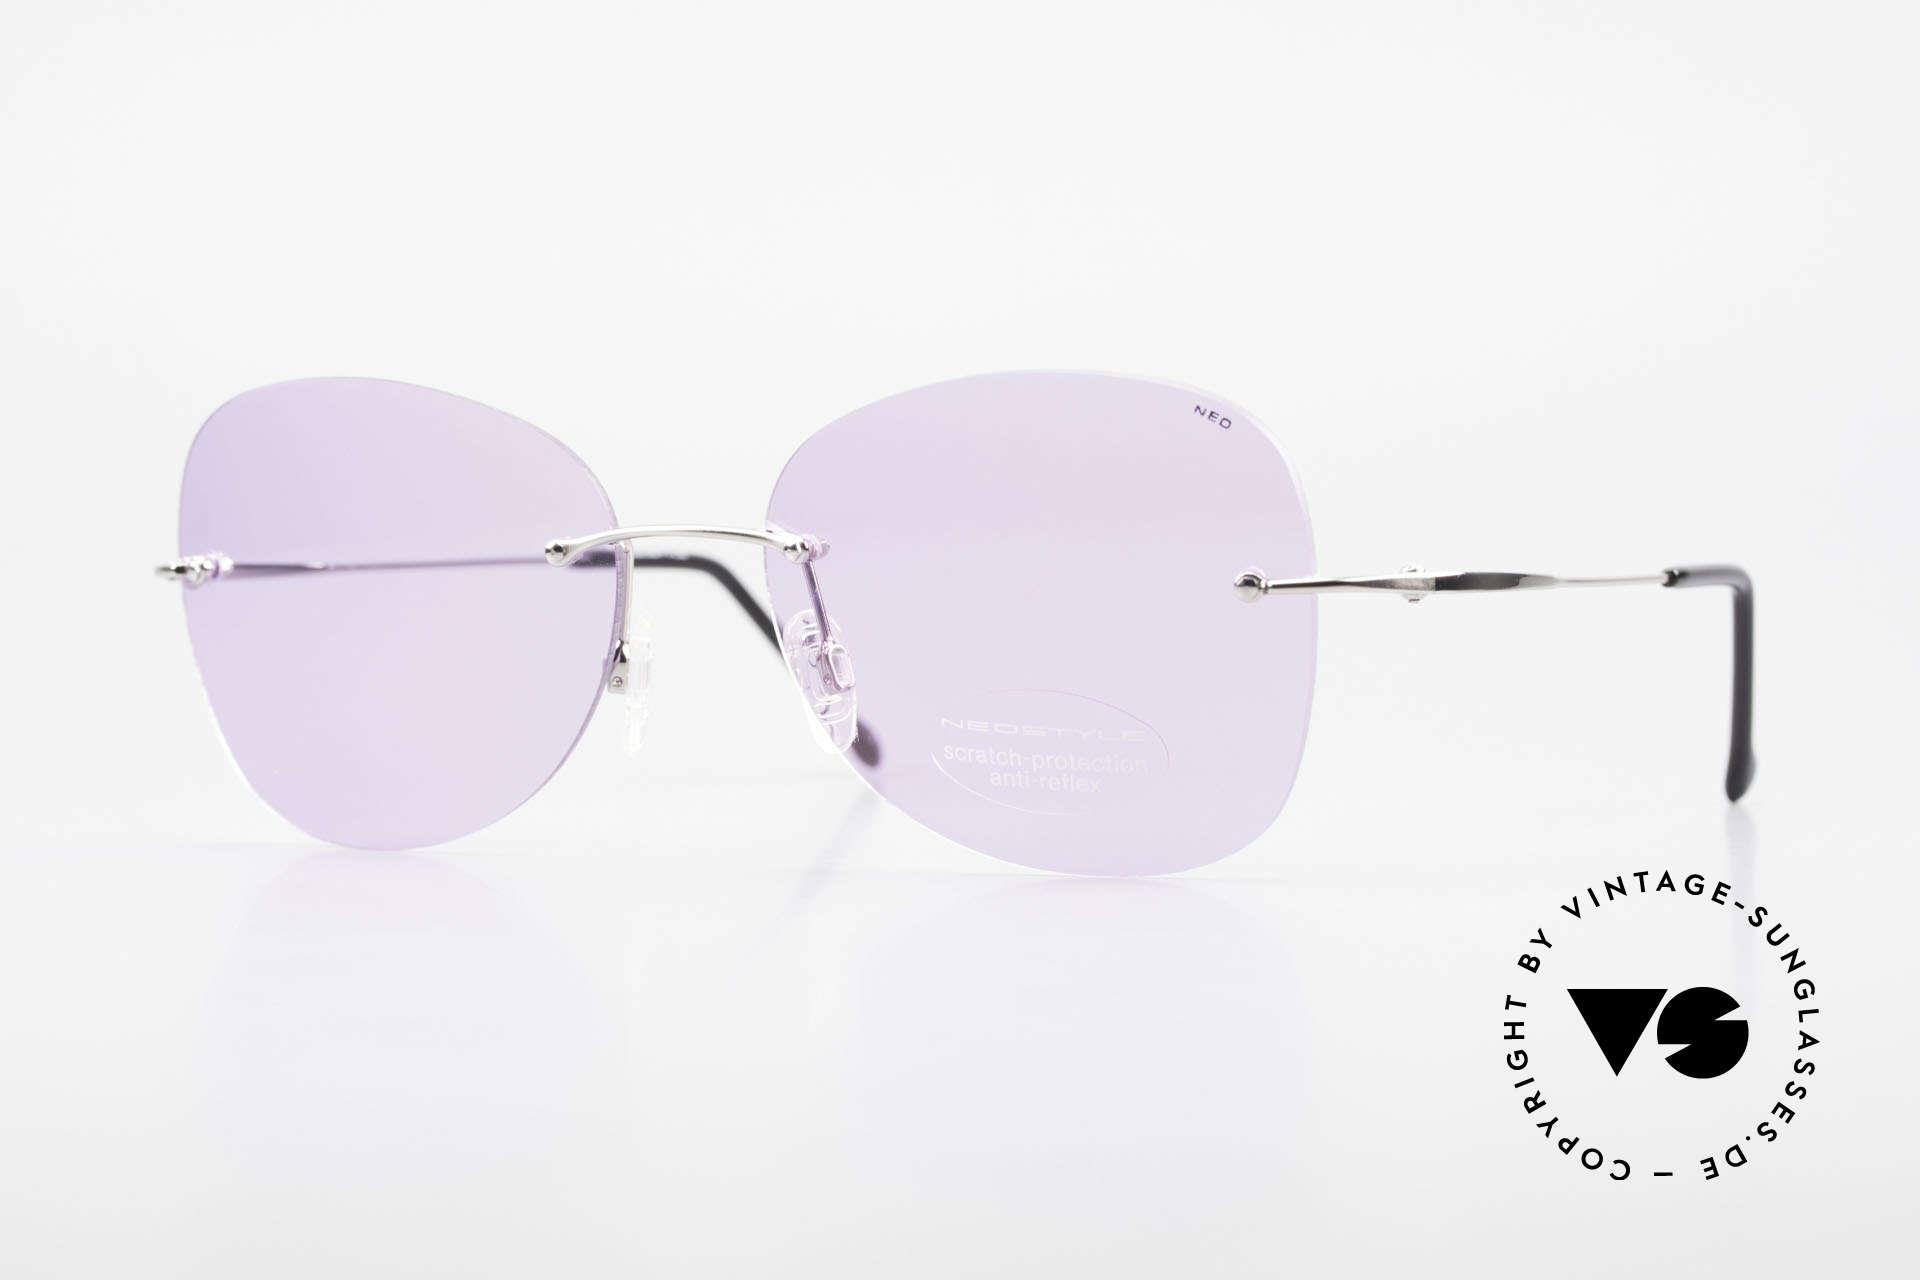 Neostyle Holiday 2051 Randlose Sonnenbrille Damen, randlose XXL Sonnenbrille für Damen aus den 90ern, Passend für Damen